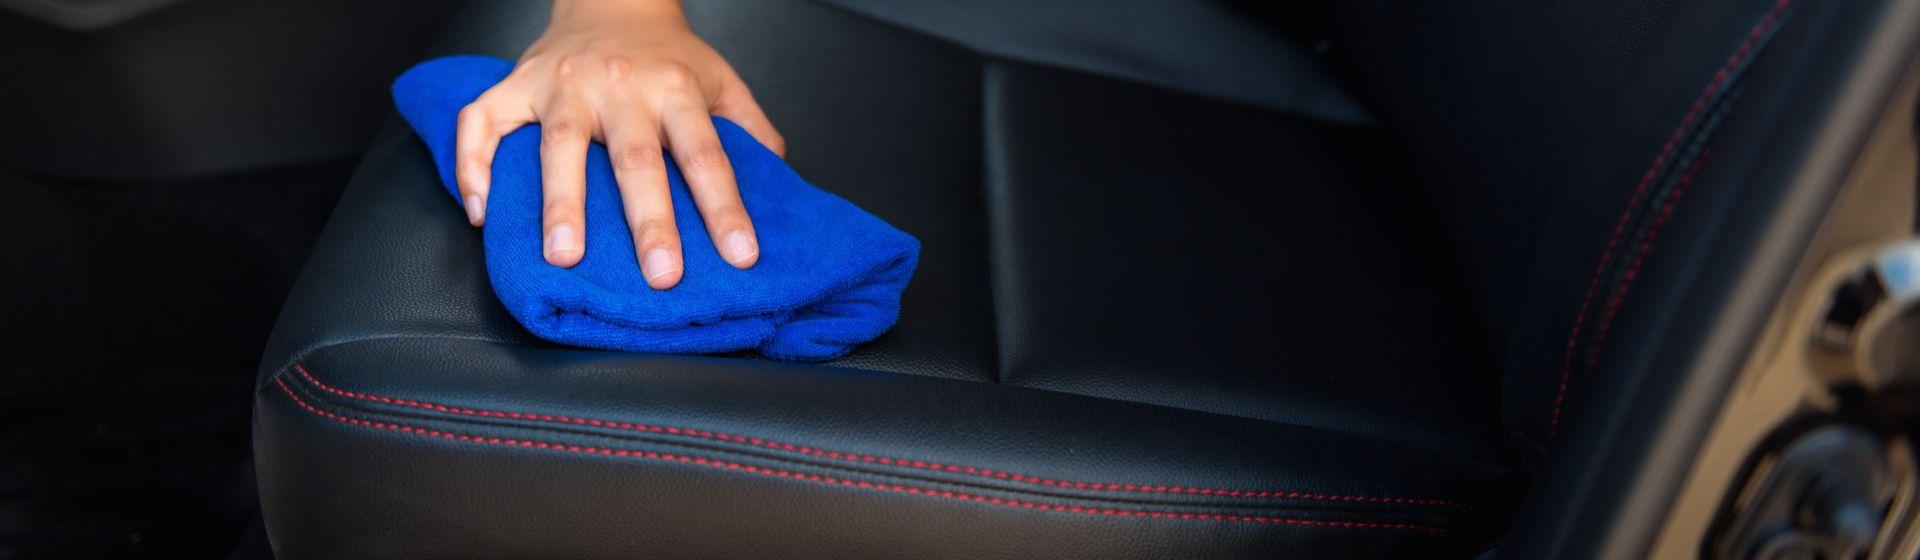 Como limpar banco de carro?